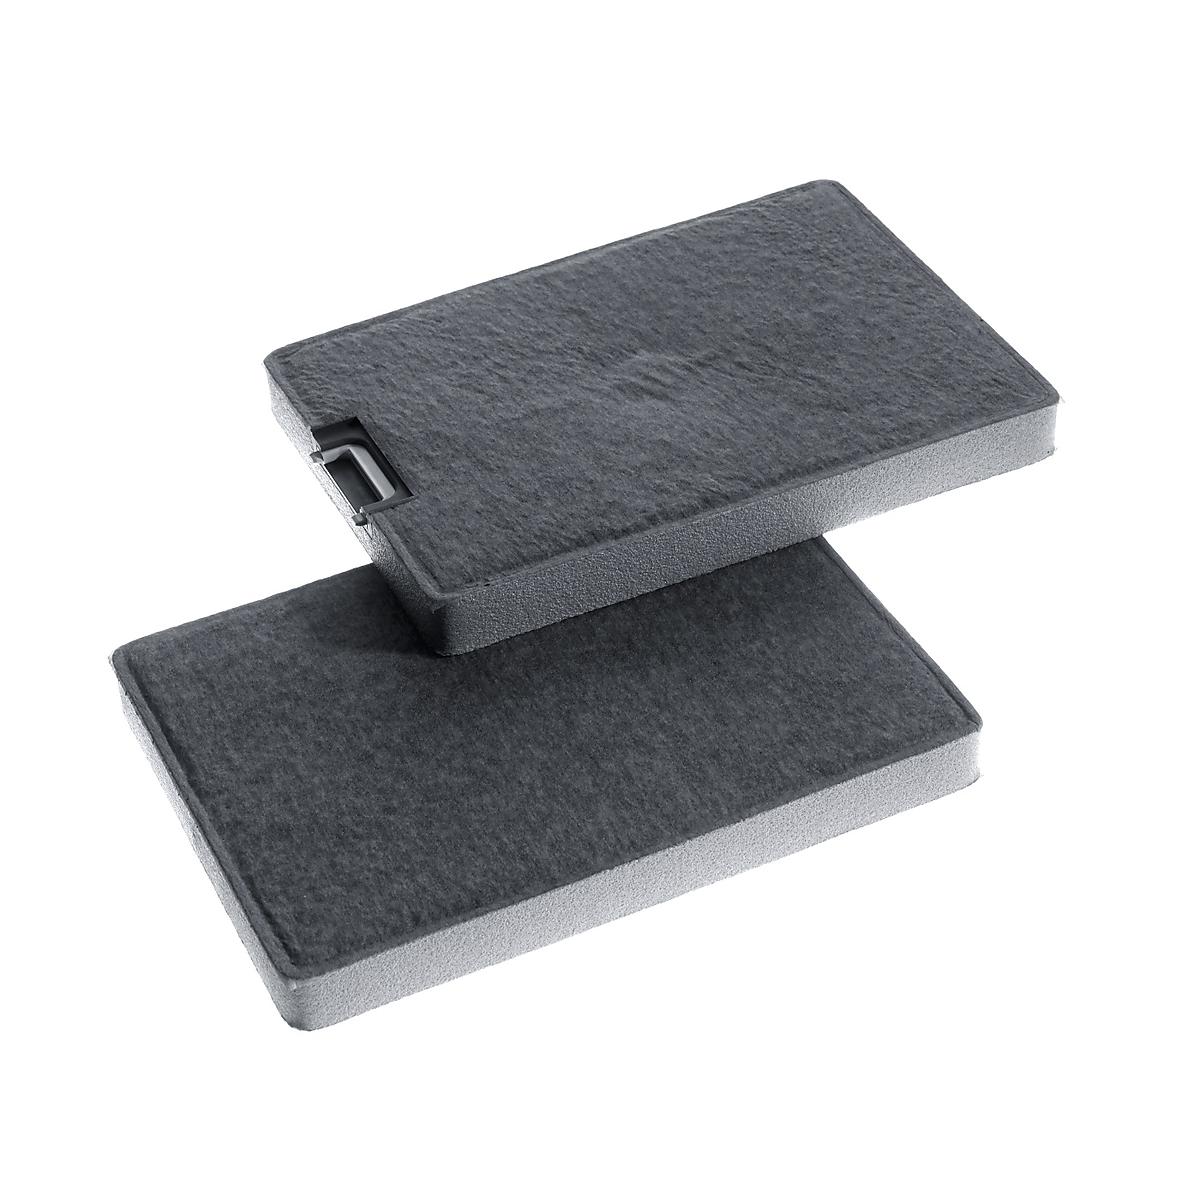 miele filter dkf 6 geruchsfilter mit aktivkohle. Black Bedroom Furniture Sets. Home Design Ideas